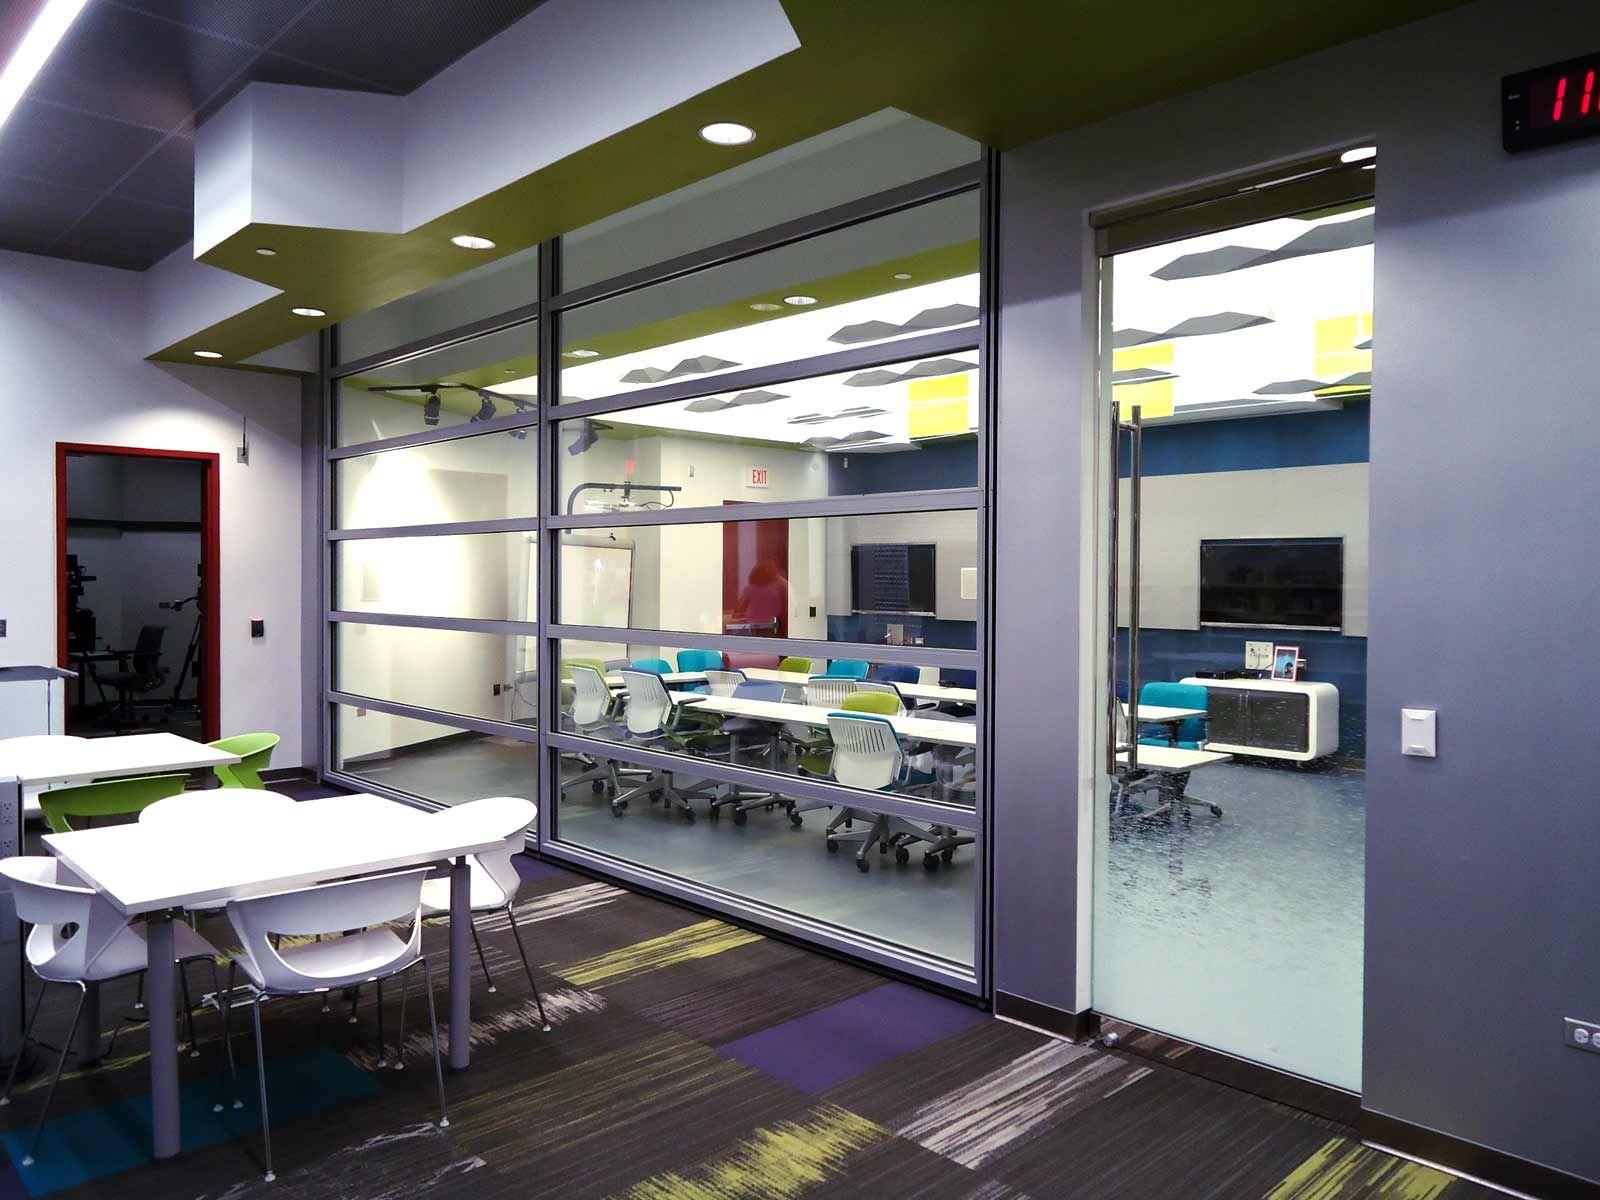 Skyfold Mirage - Schaumburg Library Schaumburg IL & Skyfold Mirage - Schaumburg Library Schaumburg IL | Skyfold ... pezcame.com